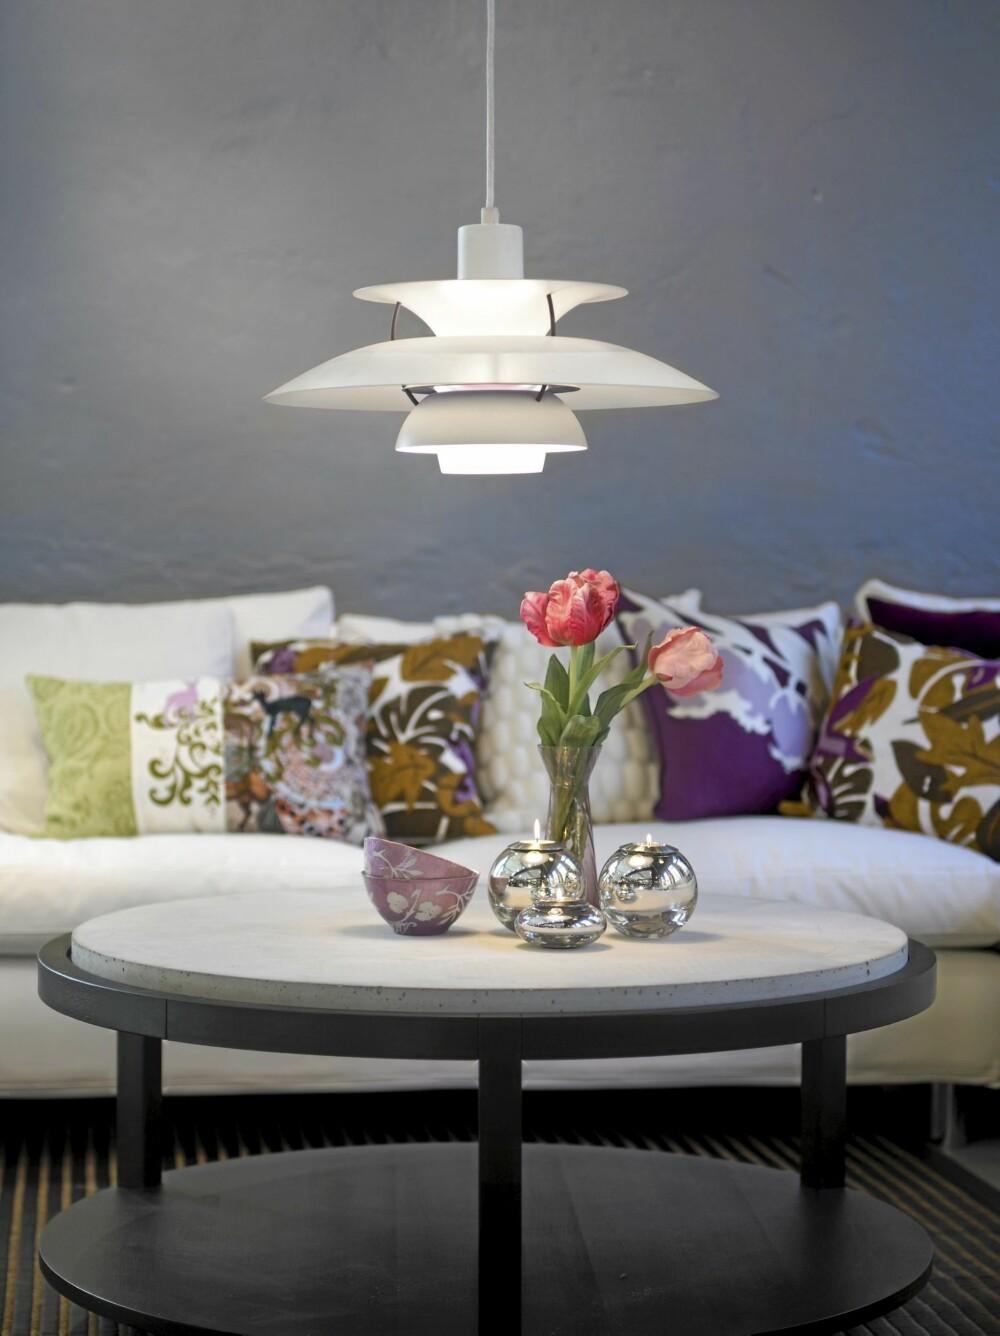 LYS i SONER: Mange glemmer at for eksempel en stue bør deles inn i soner - og belyses deretter. Godt lys over stuebordet er viktig.